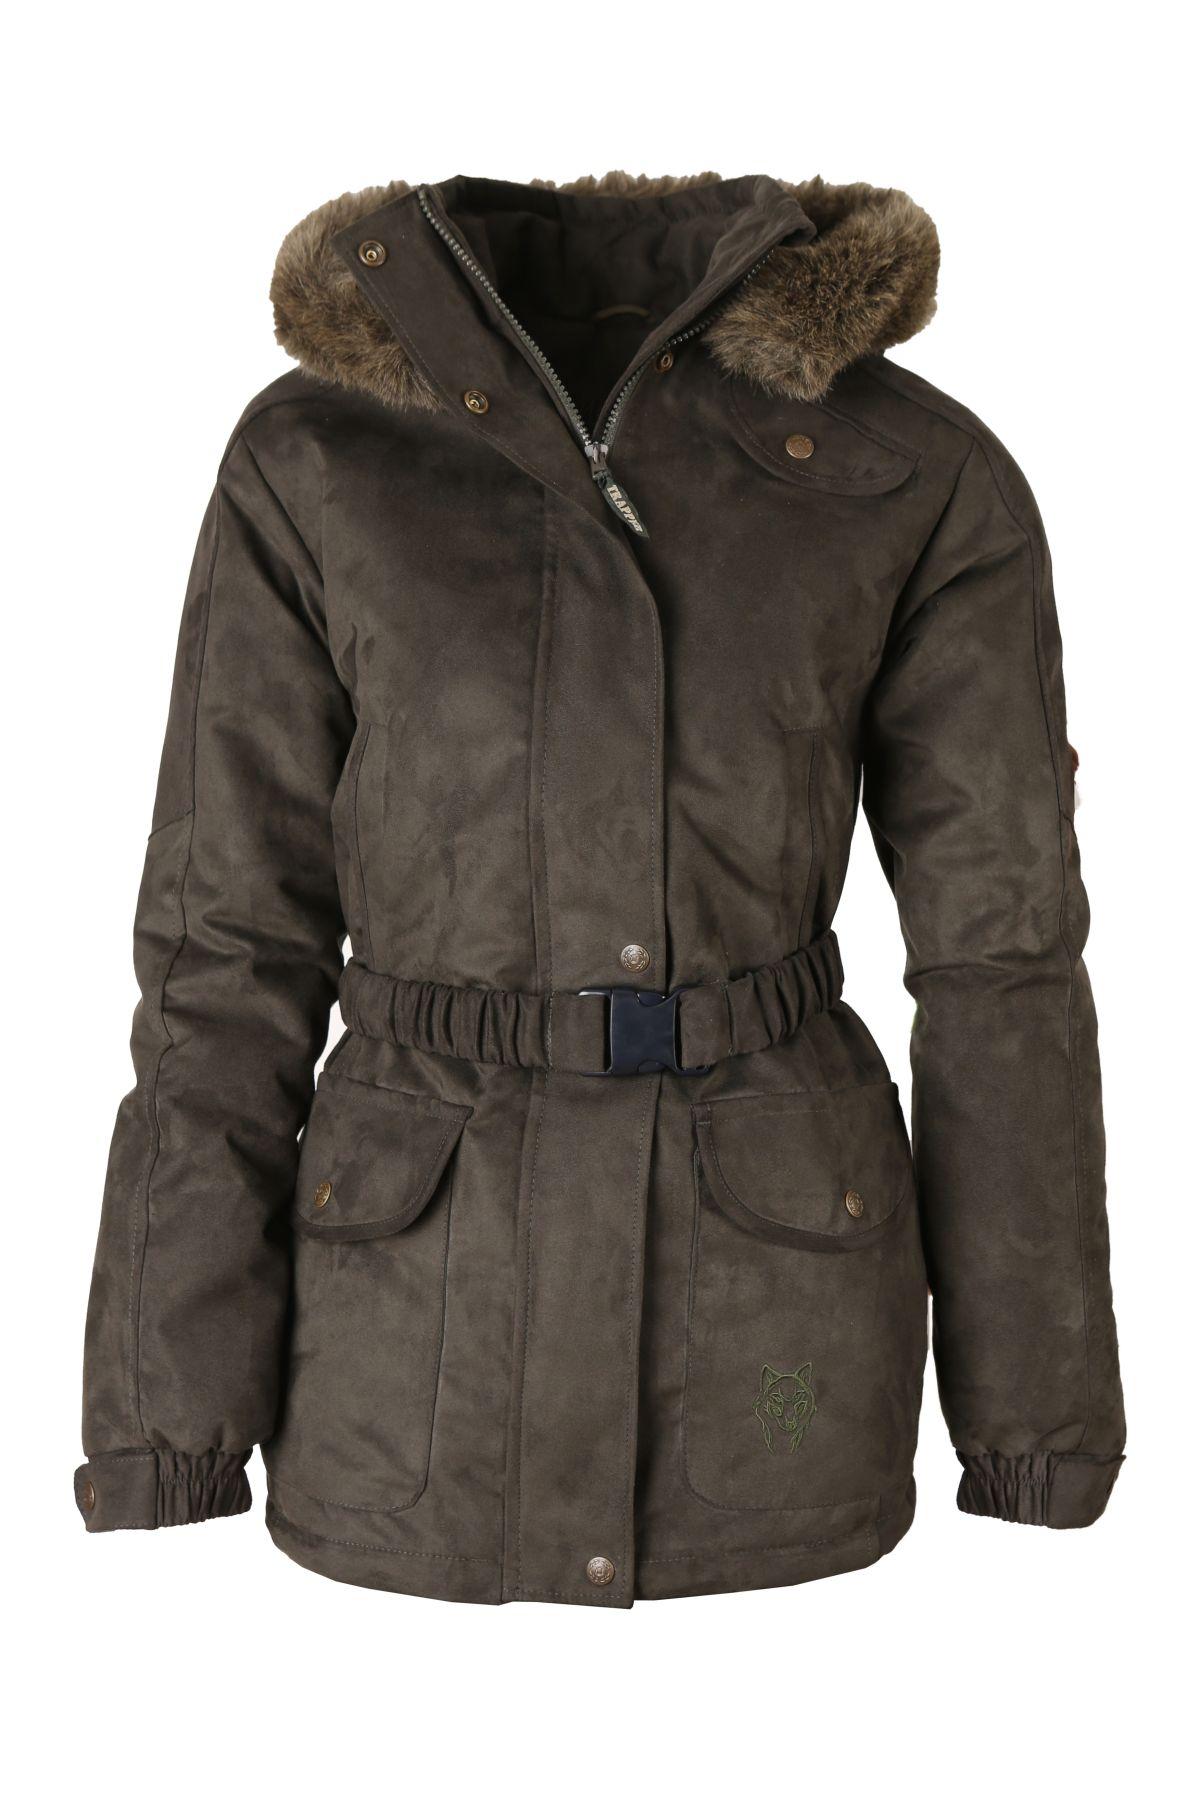 670cc66b18bf Načítať viac. damske polovnicke oblecenie2. Štýlové poľovnícke a outdoorové oblečenie  Margita ...